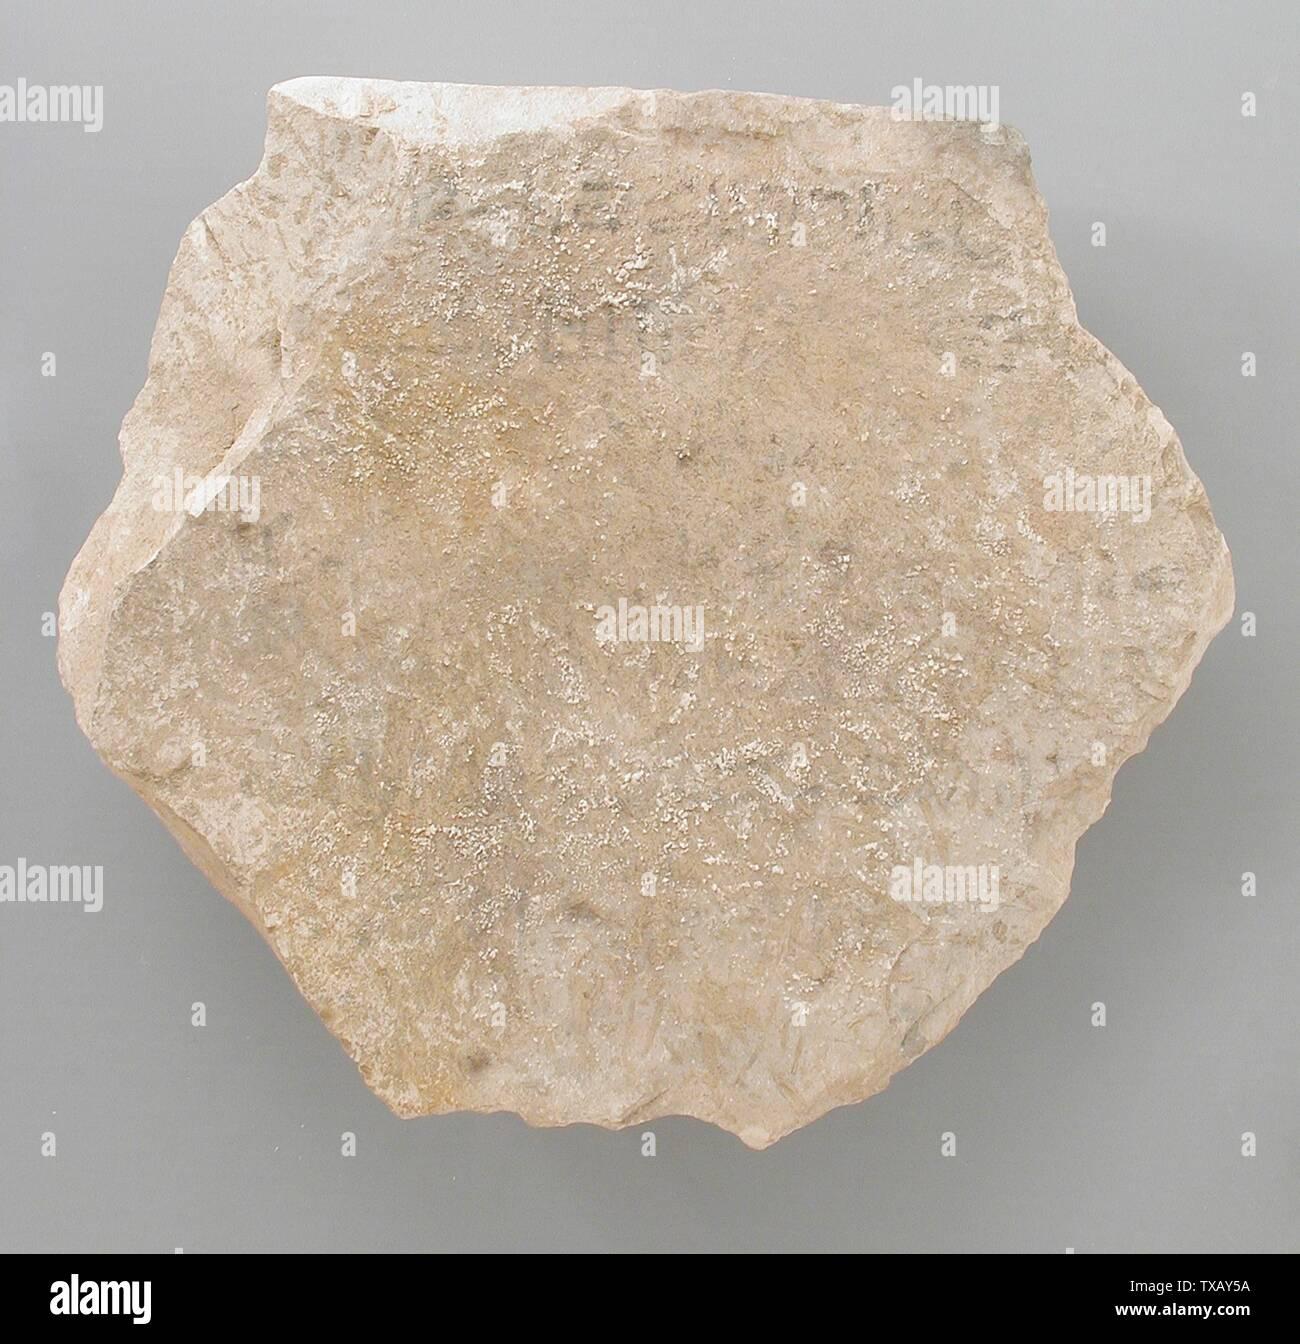 'Ostracon avec un hymne non identifié; l'Égypte, Nouvel Empire, 19e et 20e dynastie (1315 - 1081 avant notre ère) Outils et équipement; calcaire ostraka 5/16 6 x 7 1/4 in. (16 x 18,4 cm Don de Carl W. Thomas (M.80.203.207) L'art égyptien; 19e et 20e dynastie (1315 - 1081 avant notre ère); ' Photo Stock